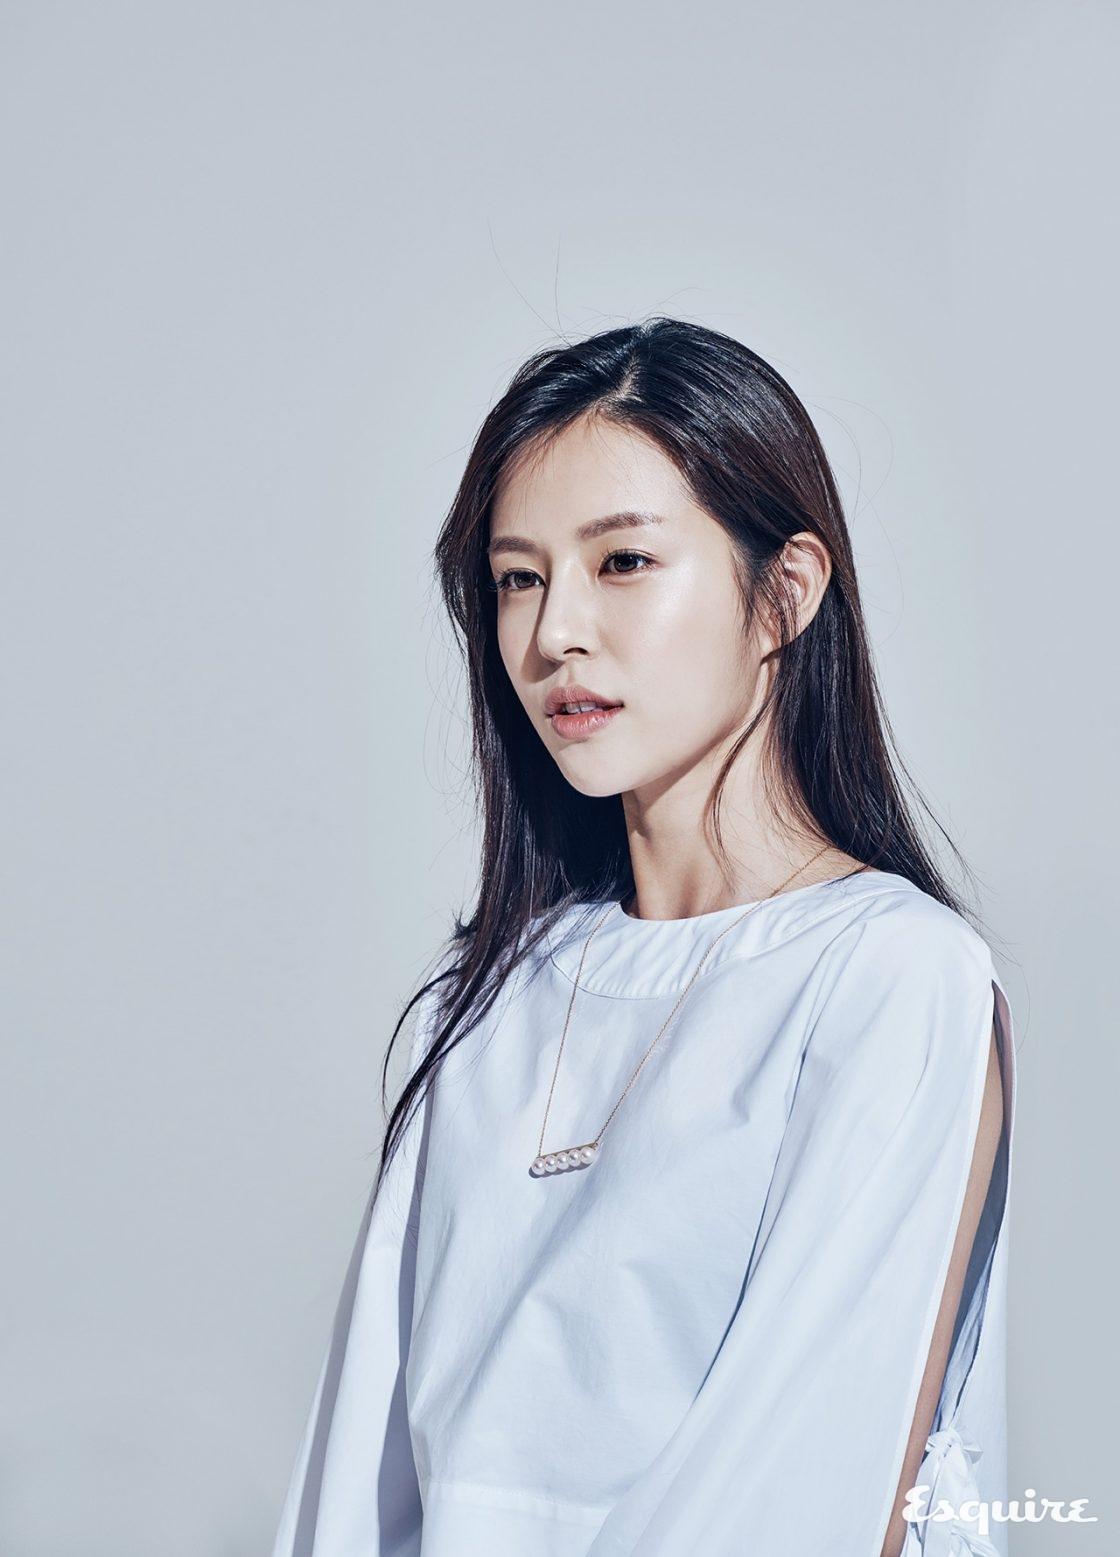 조수애 JTBC 아나운서 - 에스콰이어 코리아